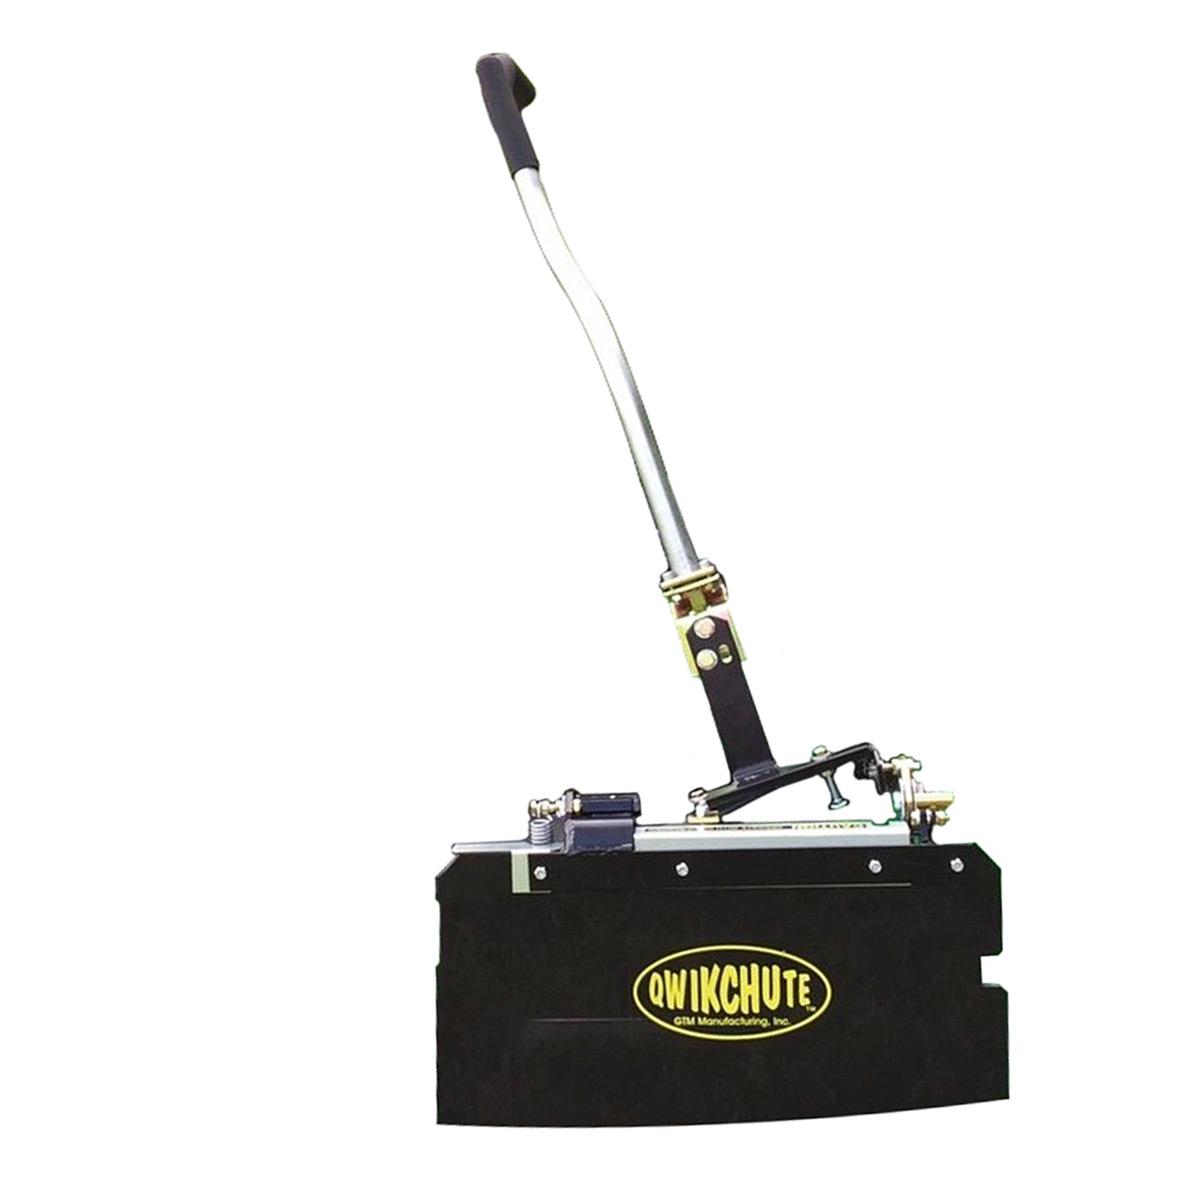 Qwikchute Chute Blocker    Deflector For Kubota Z700 Lawn Mower Series W 54 U00f6 Decks    Nqd